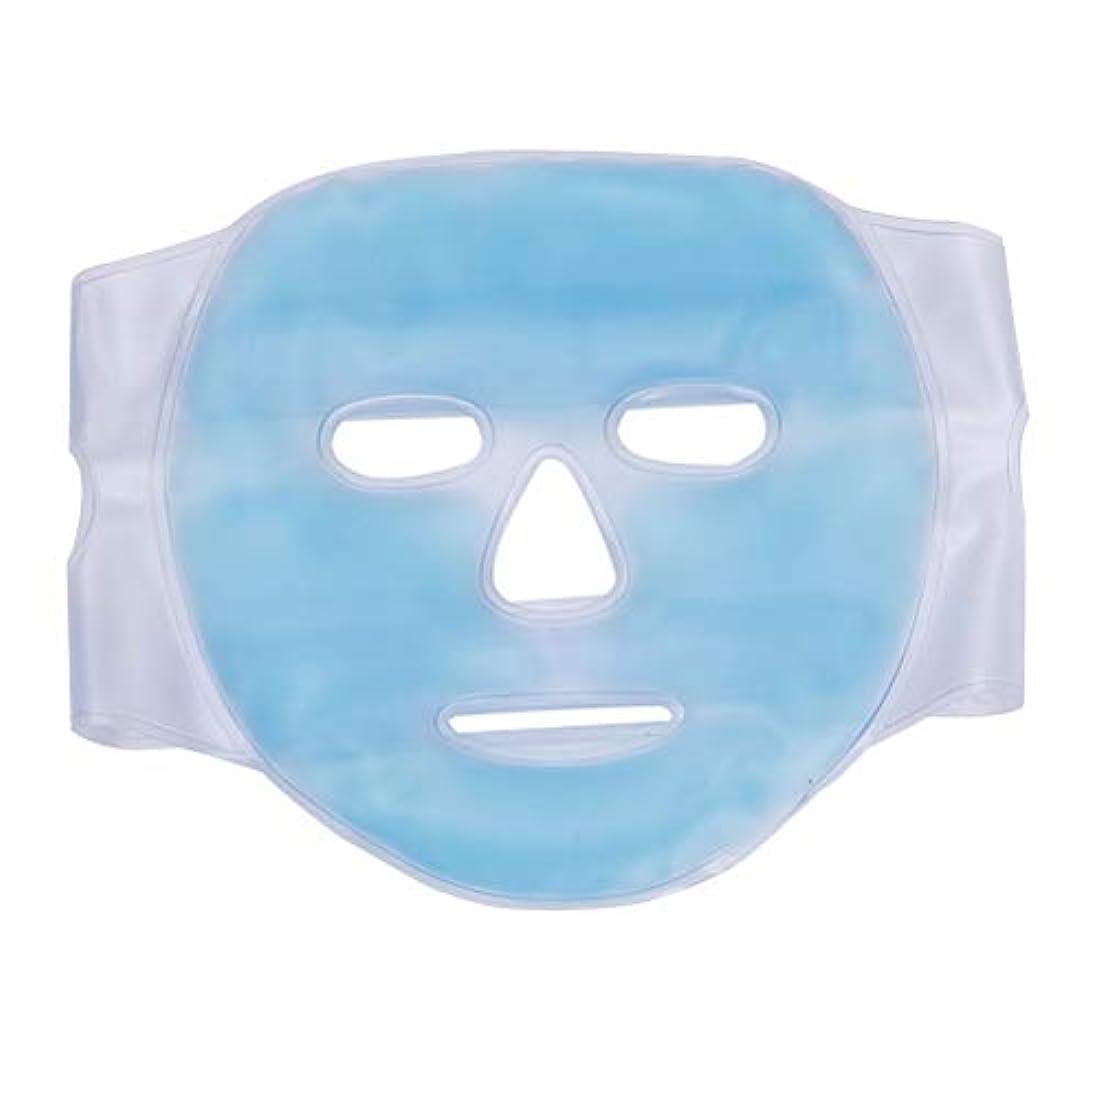 慢性的いっぱいピッチSUPVOX 美容マスクホットコールドセラピージェルビーズフルフェイシャルマスク睡眠用片頭痛緩腫れぼったい顔(青)